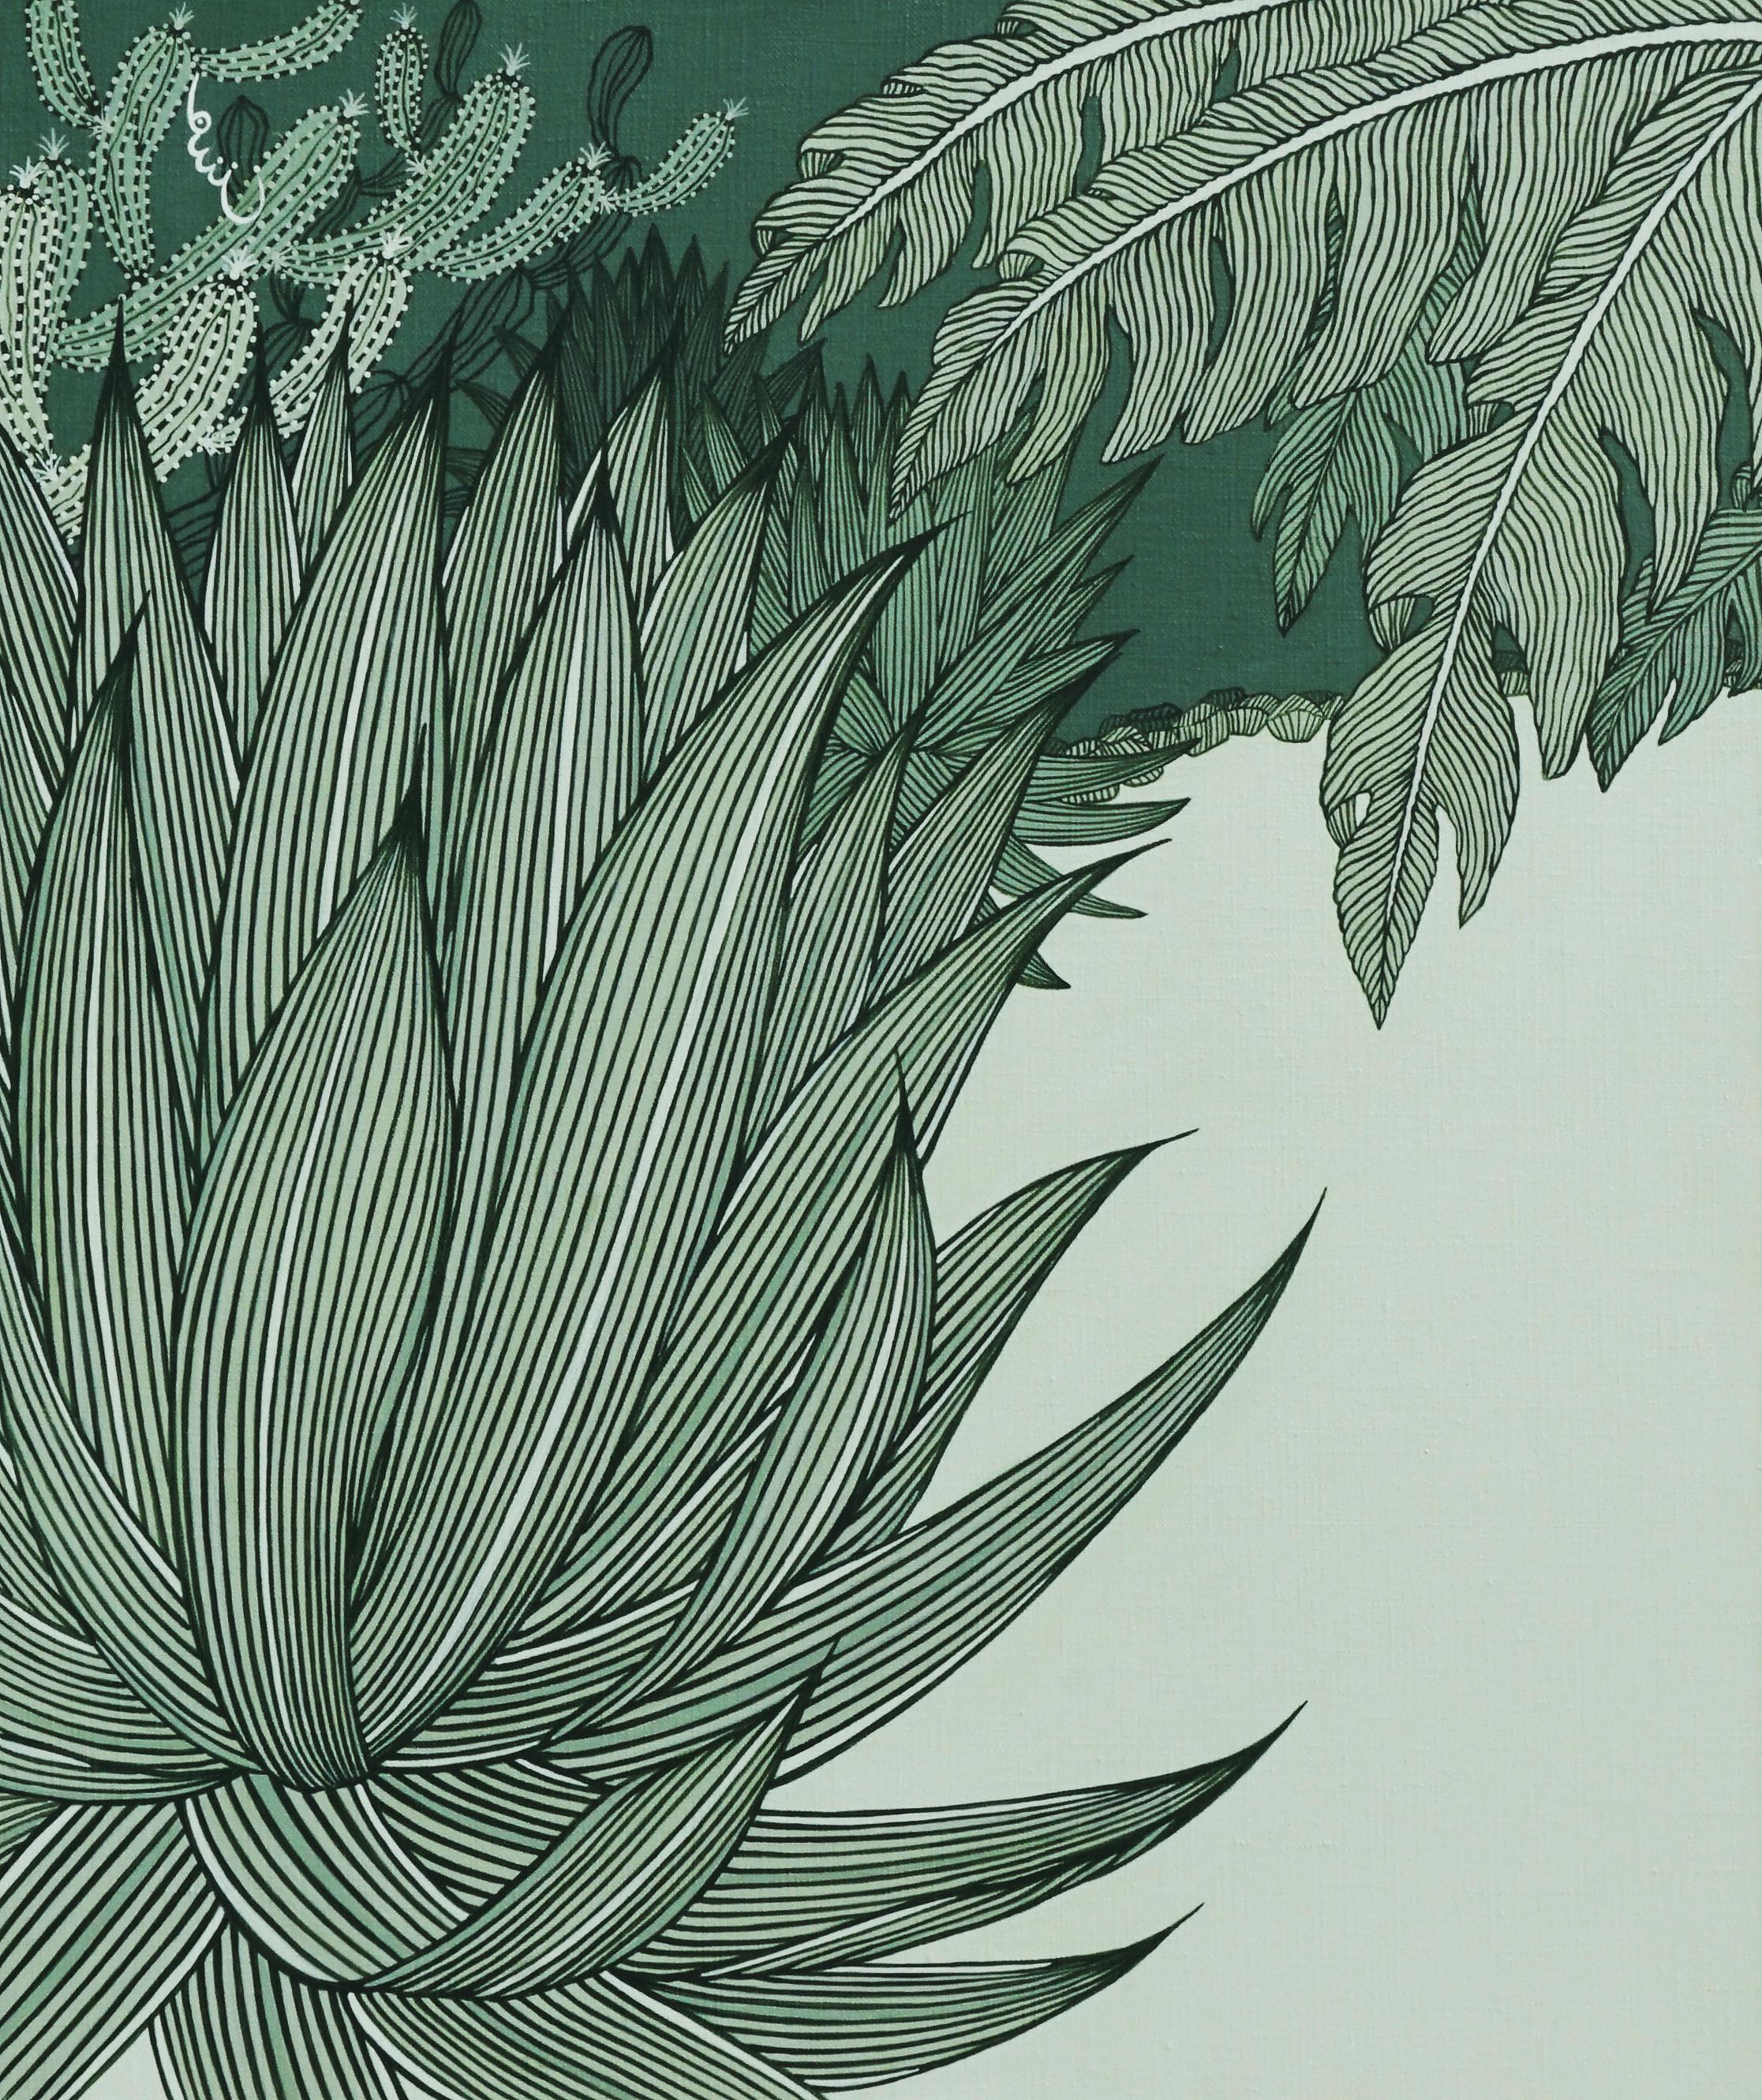 Cactus-longing373